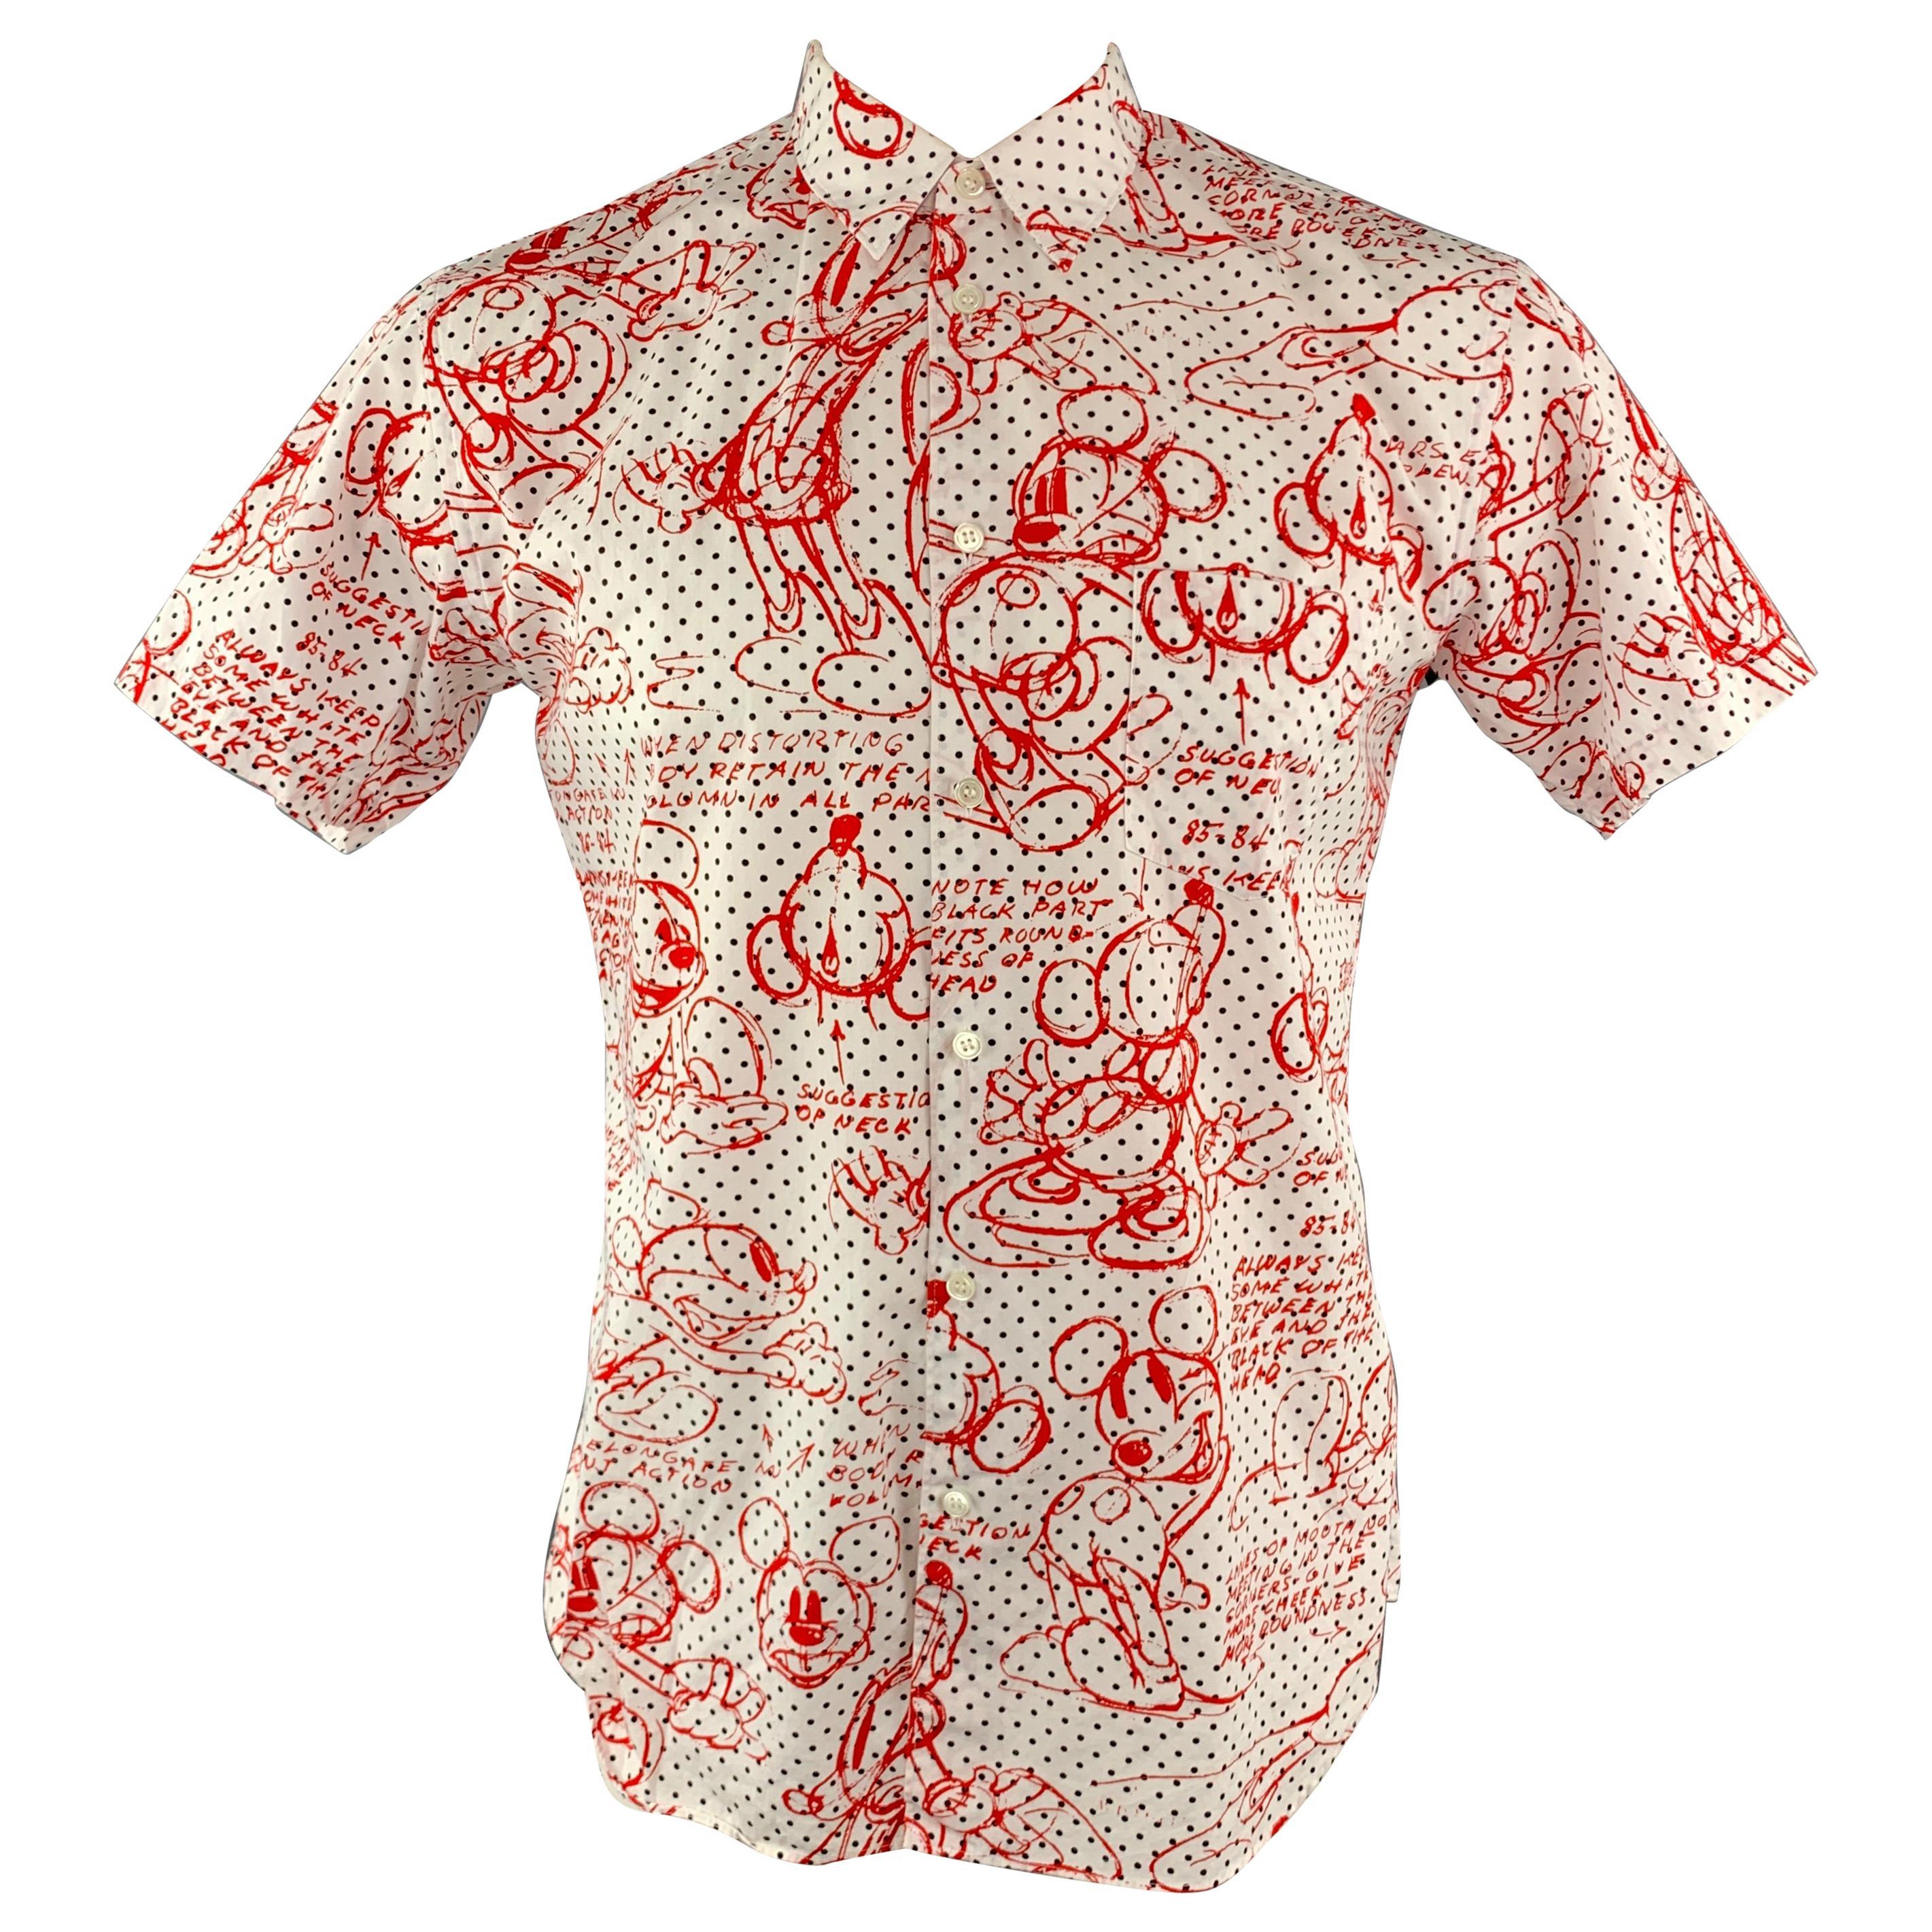 5a088399a826b Vintage Comme des Garcons: Dresses, Coats & More - 499 For Sale at ...